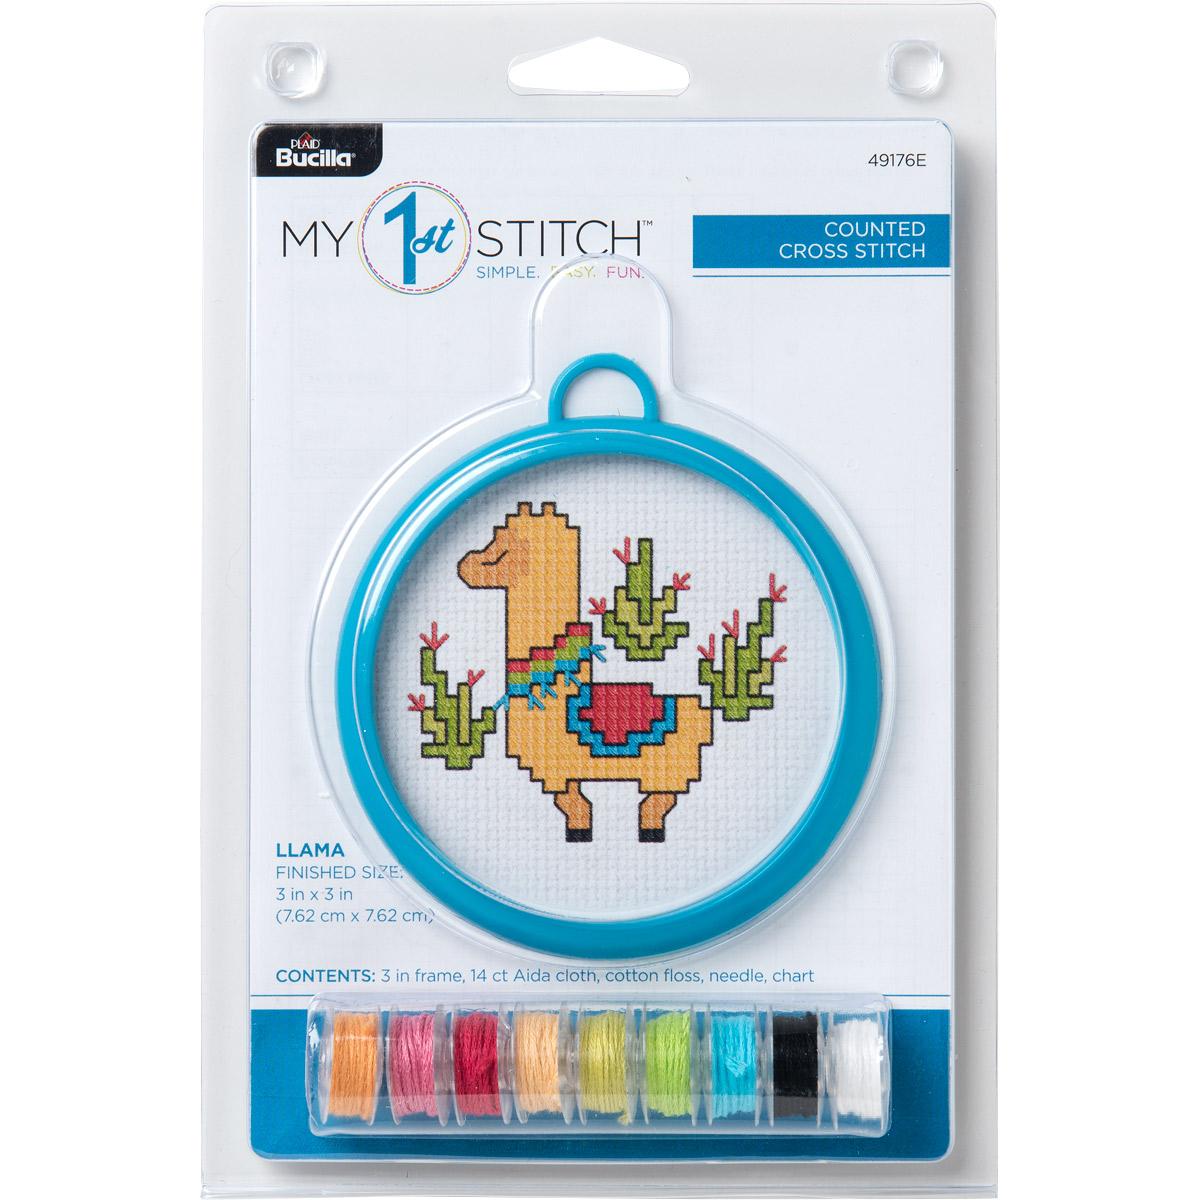 Bucilla ® My 1st Stitch™ - Counted Cross Stitch Kits - Mini - Llama